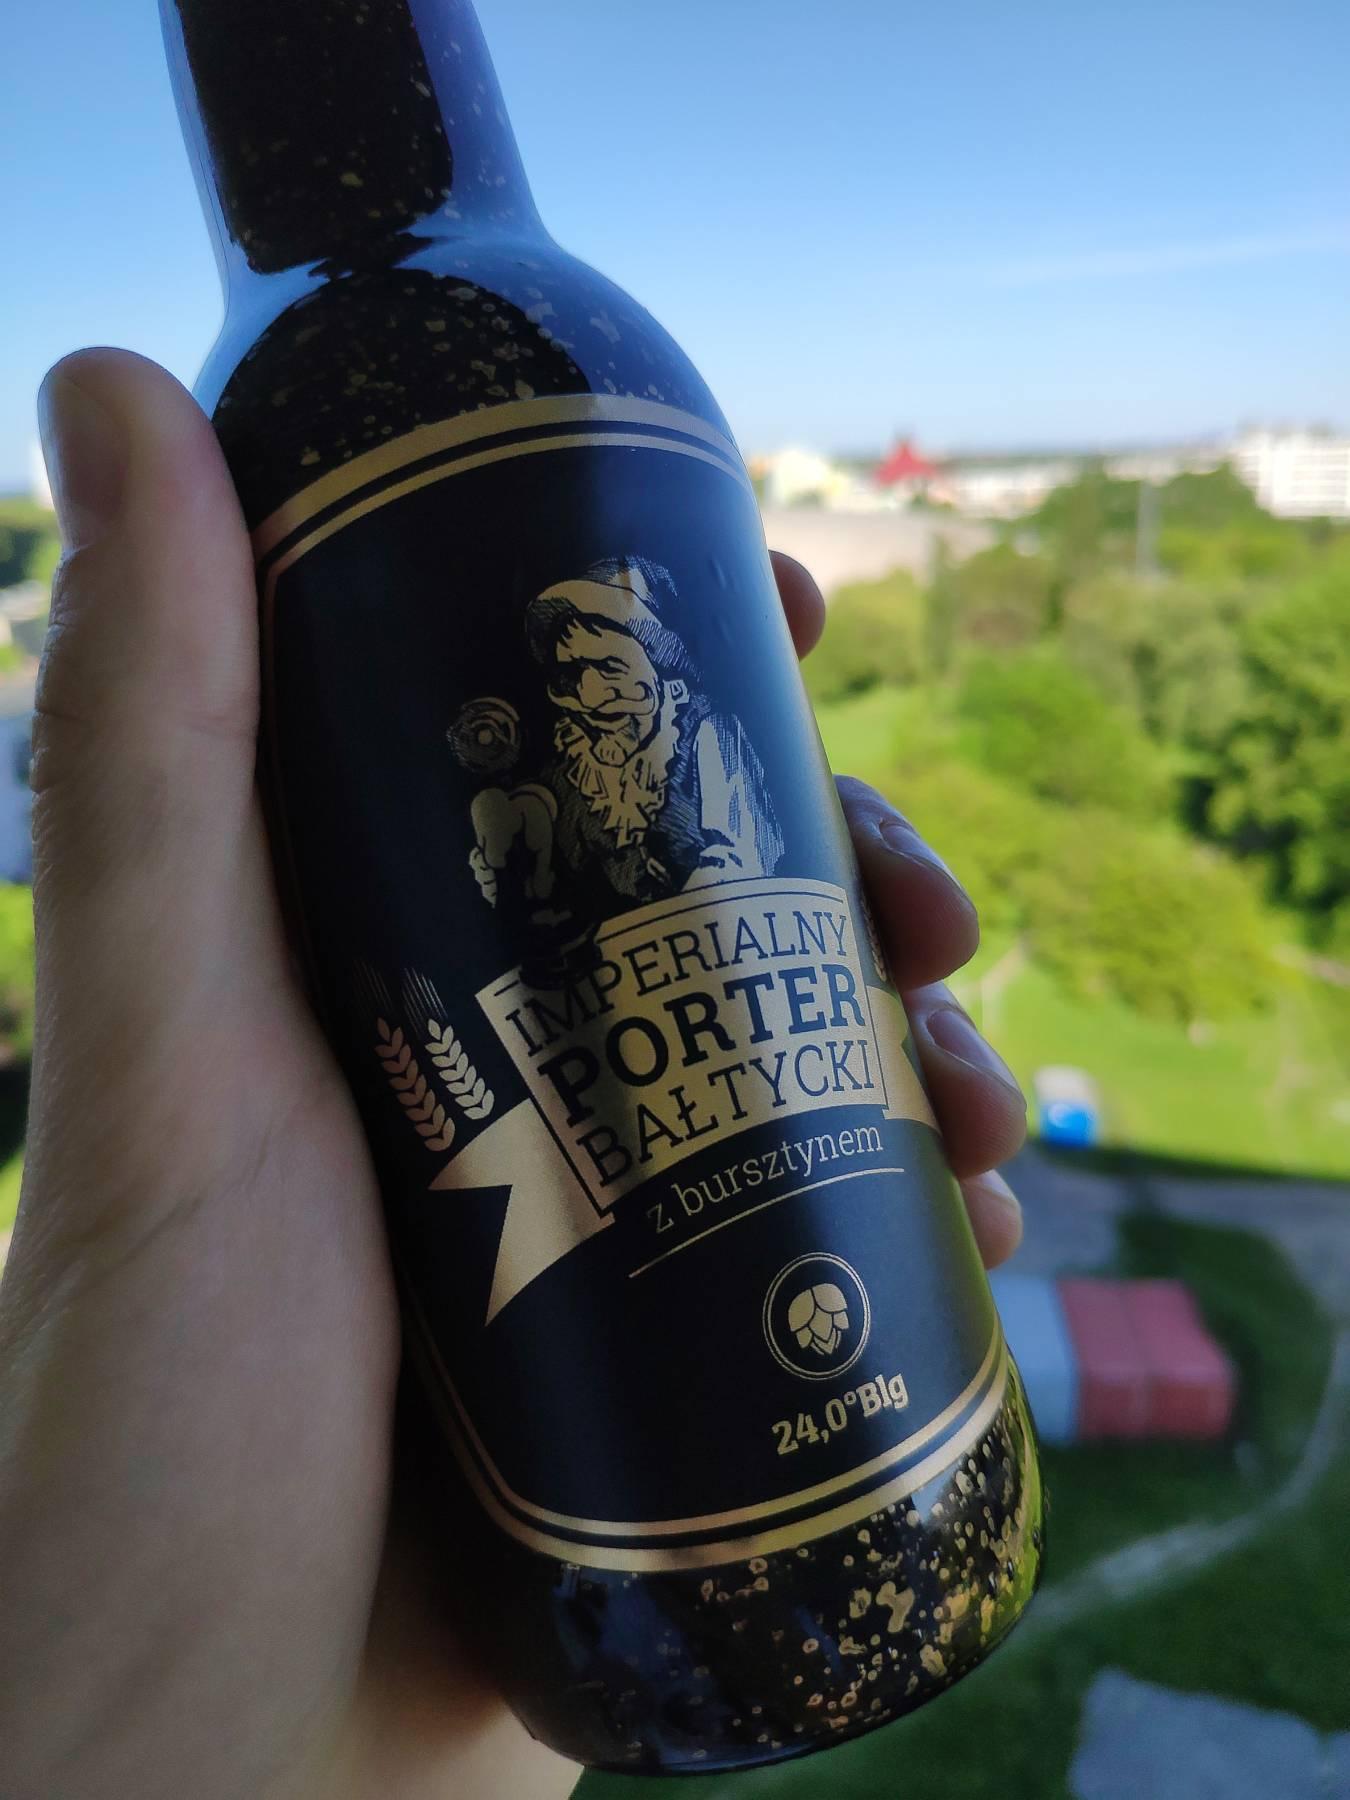 Imperialny porter bałtycki z bursztynem - Browar Prost